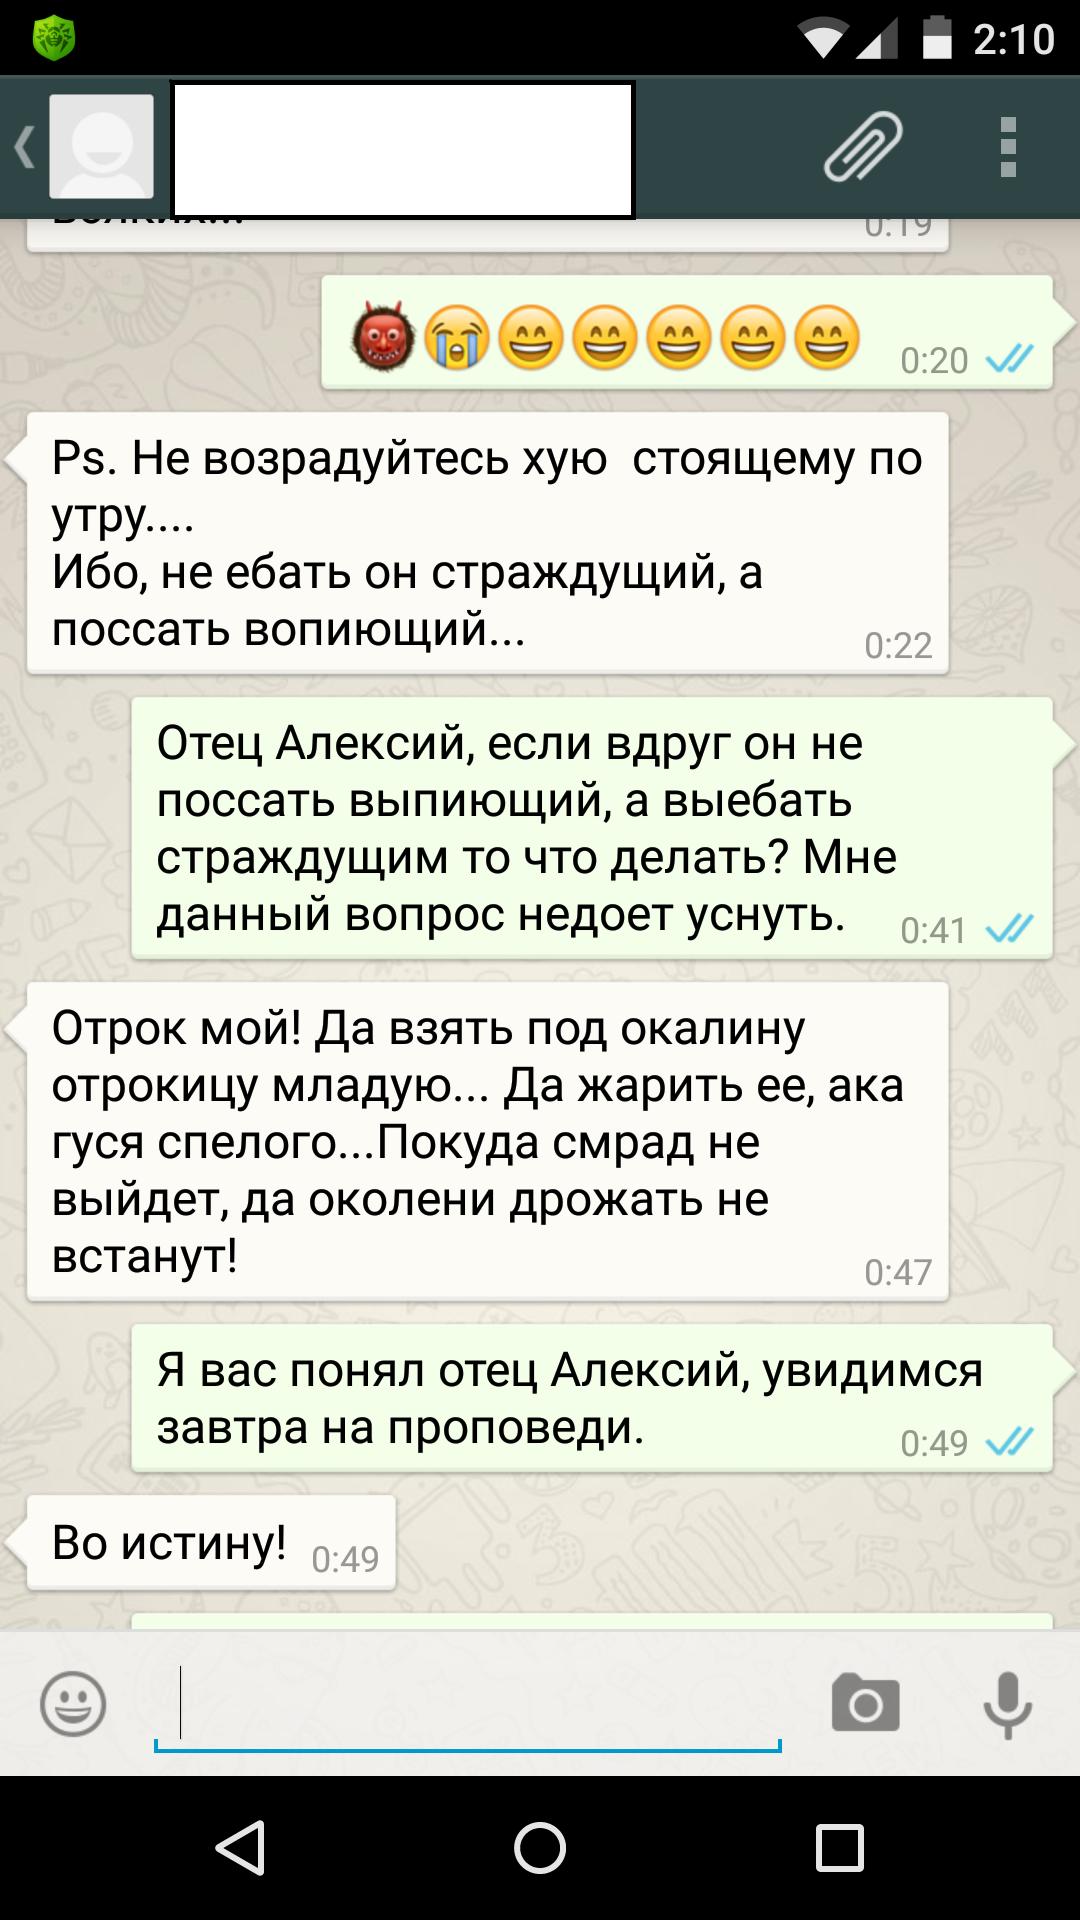 Примеры знакомств с девушкой по смс